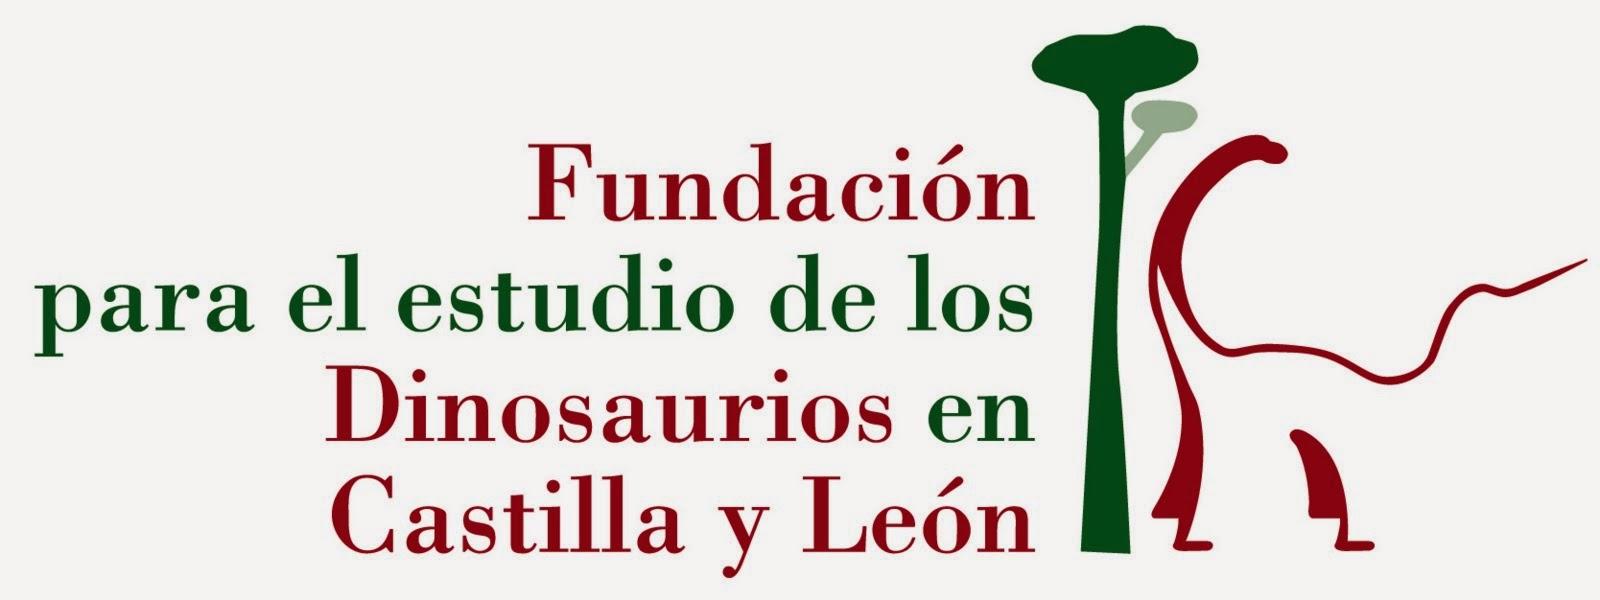 Web de la Fundación para el Estudio de los Dinosaurios en Castilla y león